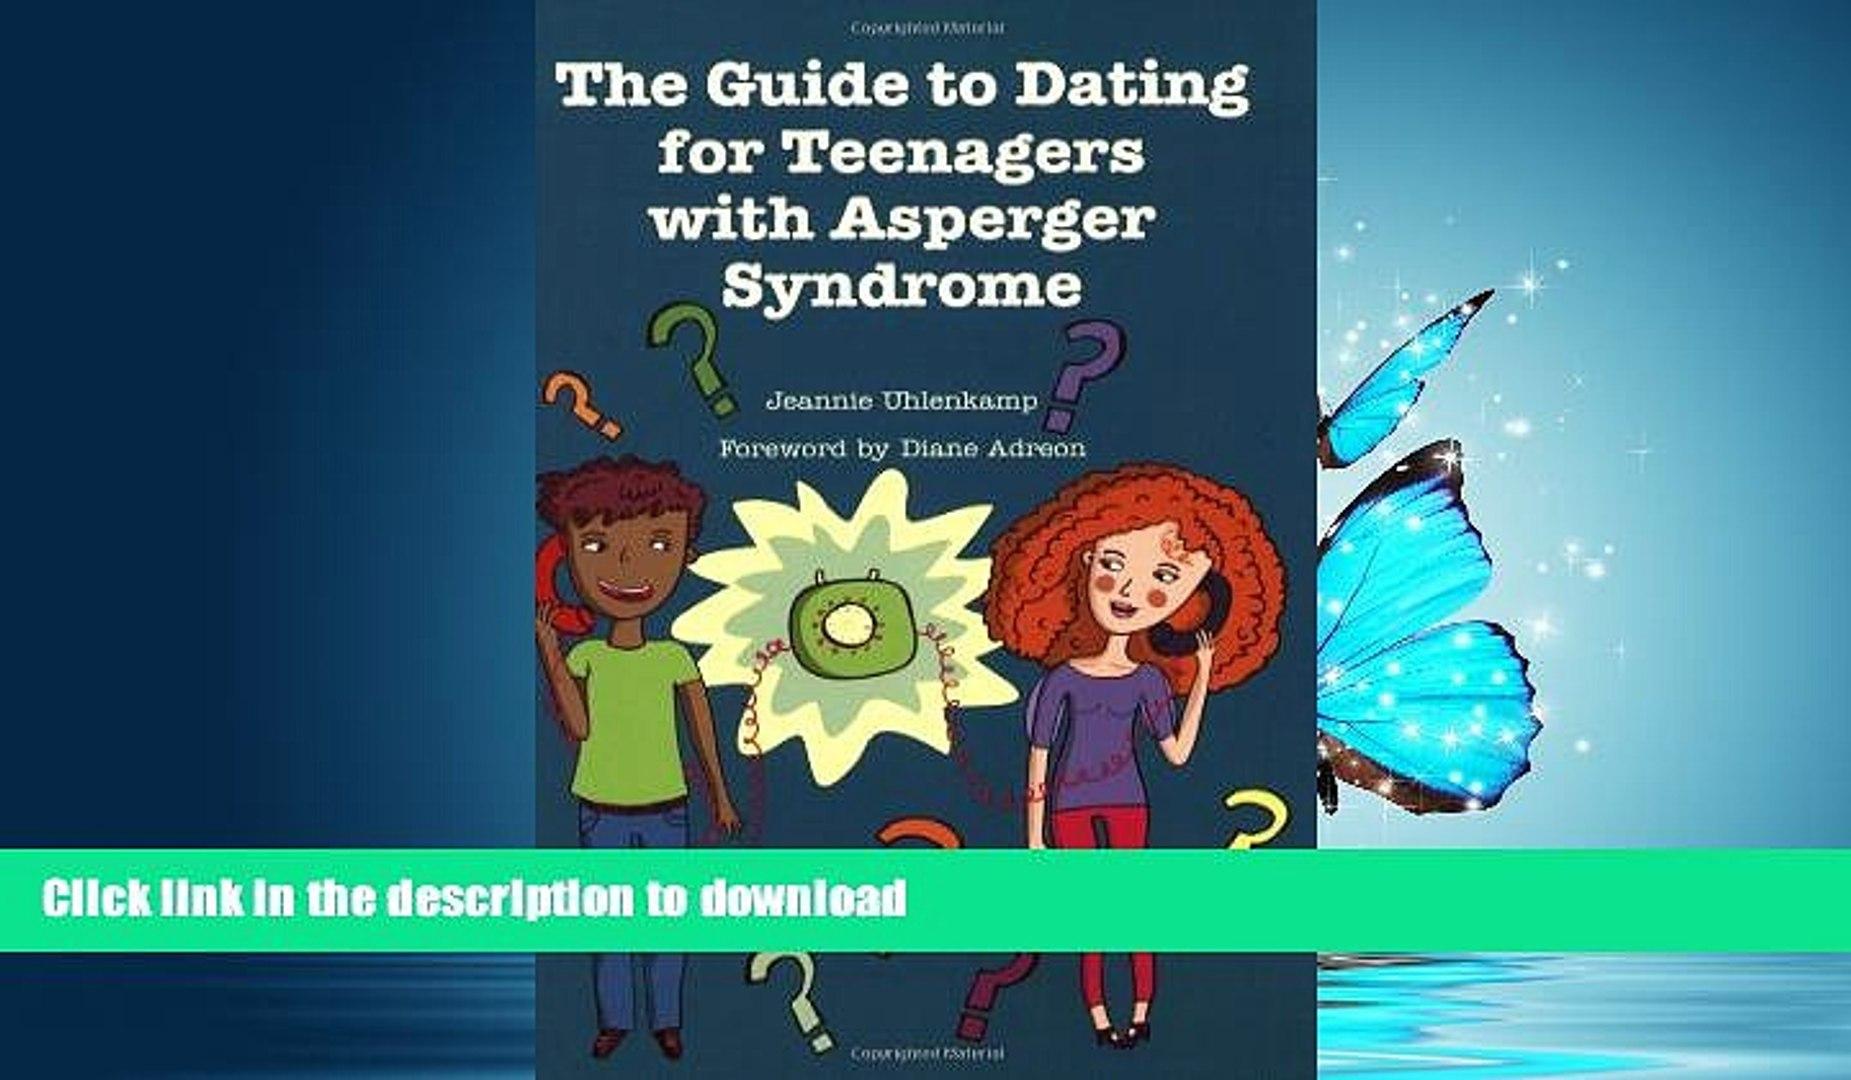 är jag dating någon med Aspergers